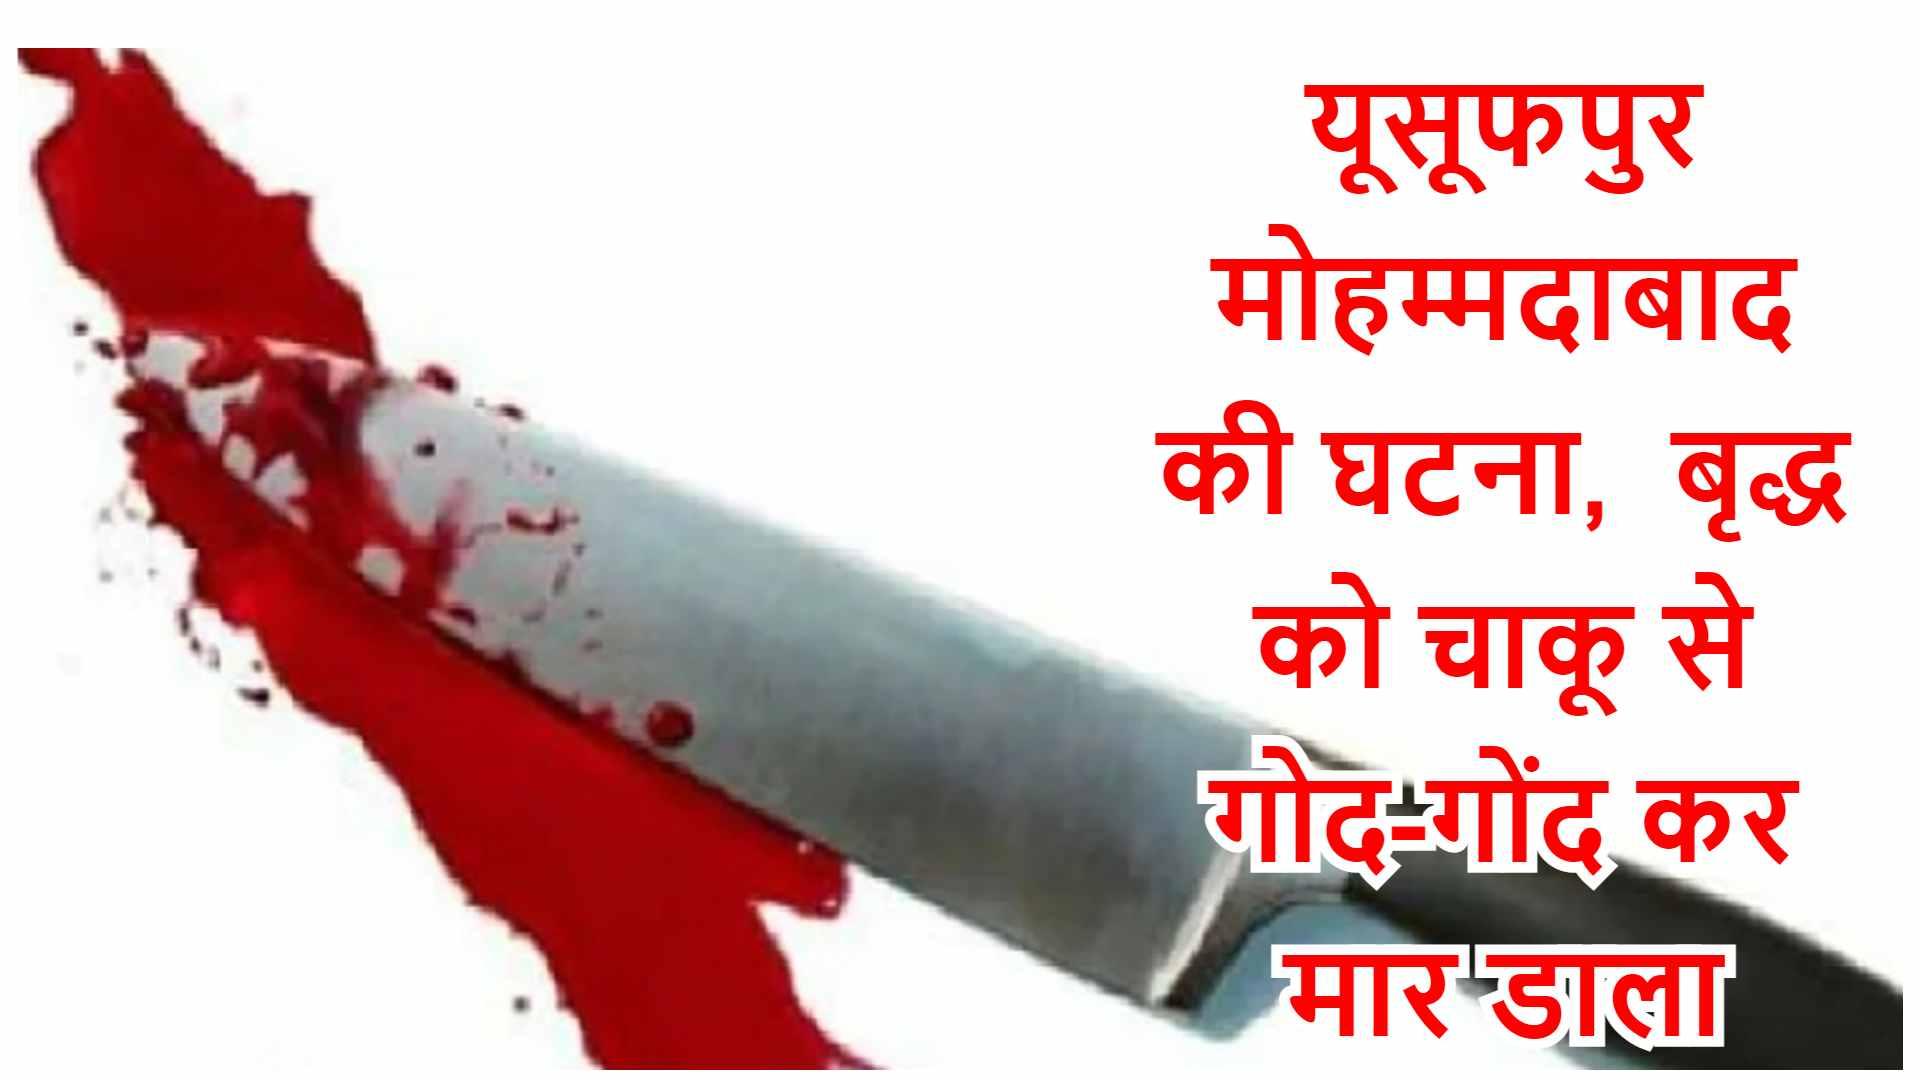 यूसूफपुर मोहम्मदाबाद की घटना, बृद्ध को चाकू से गोद-गोद कर मार डाला